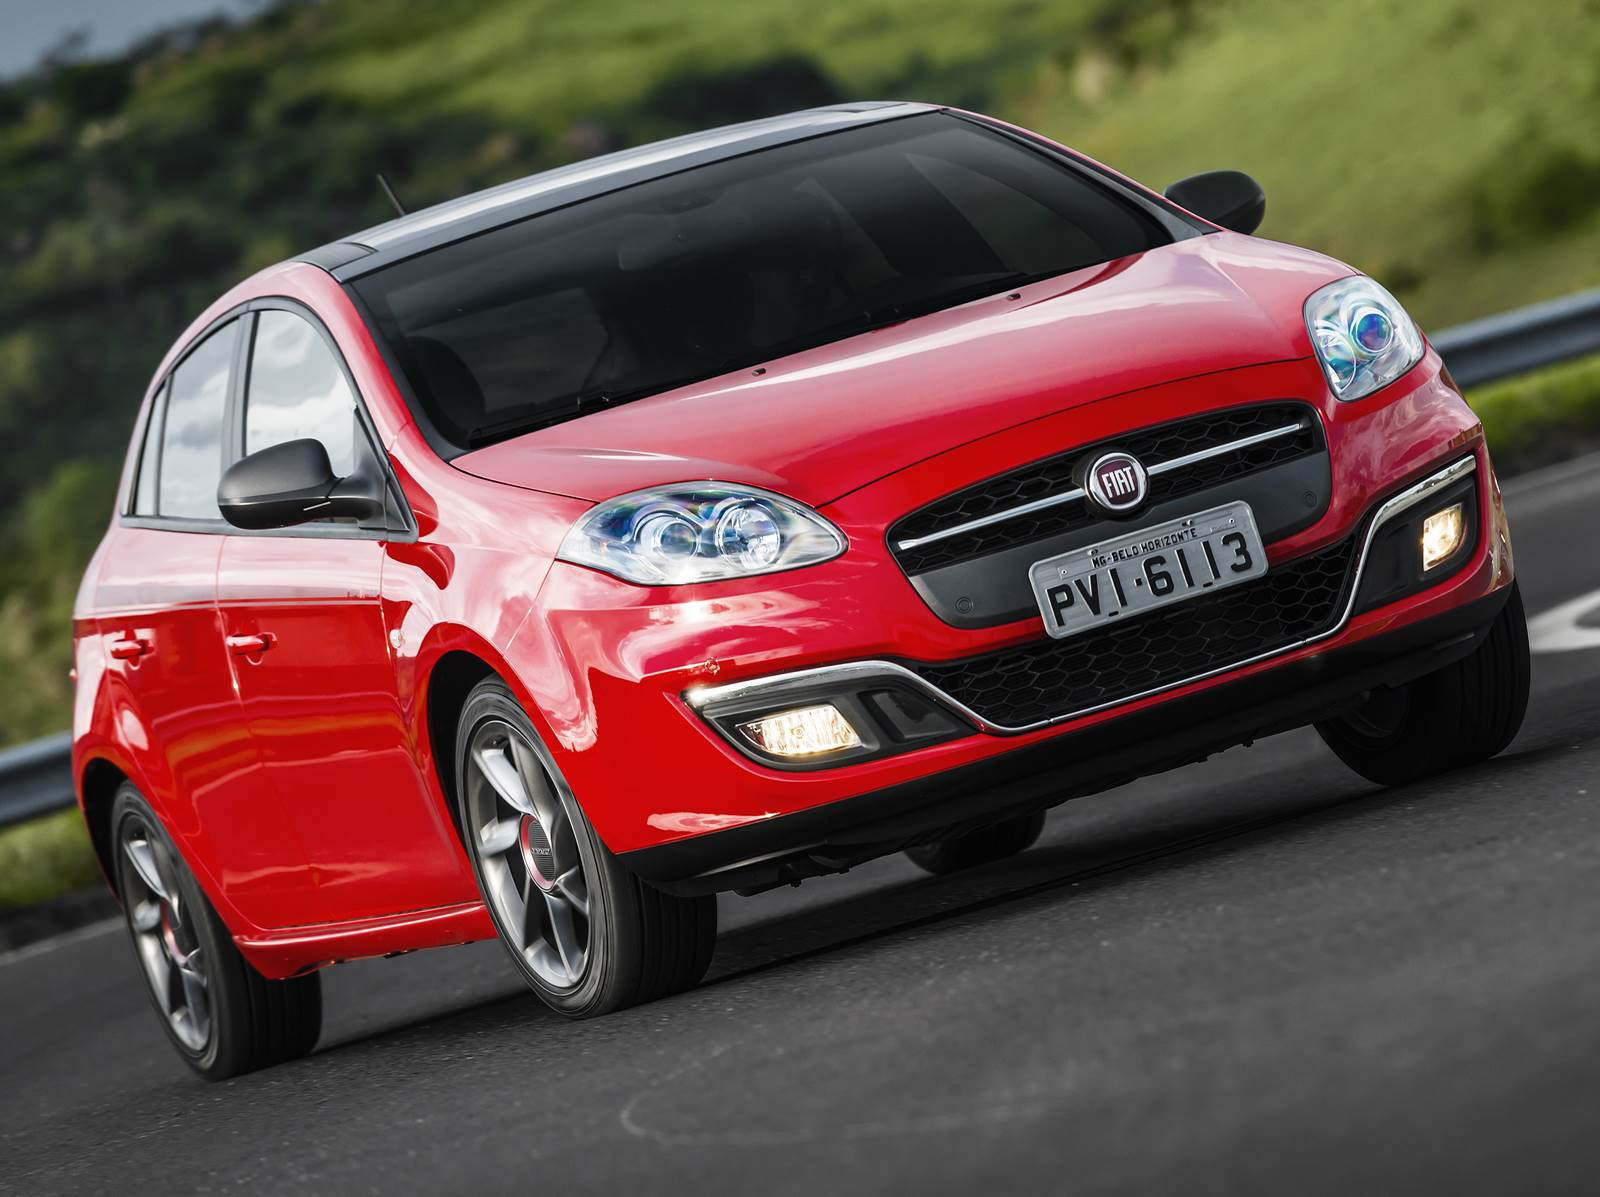 Leilão da Fiat: descontos elevados e poucos interessados